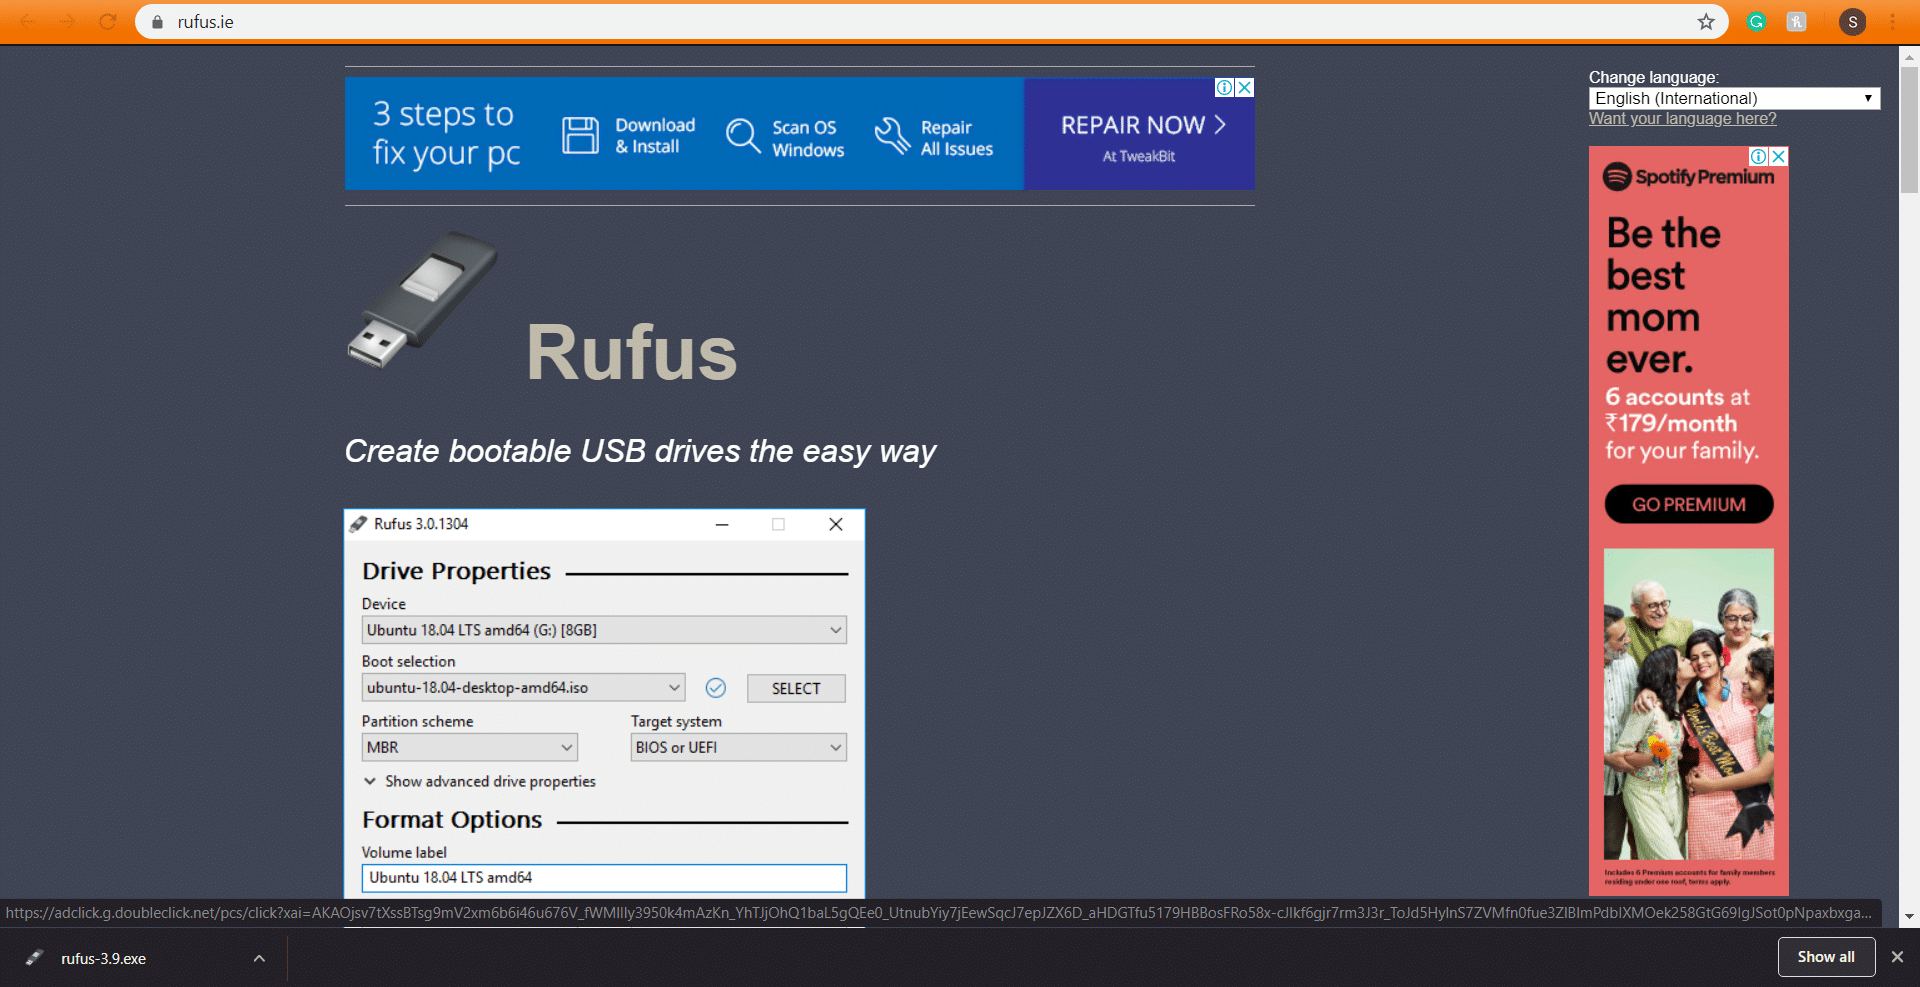 Rufus installation